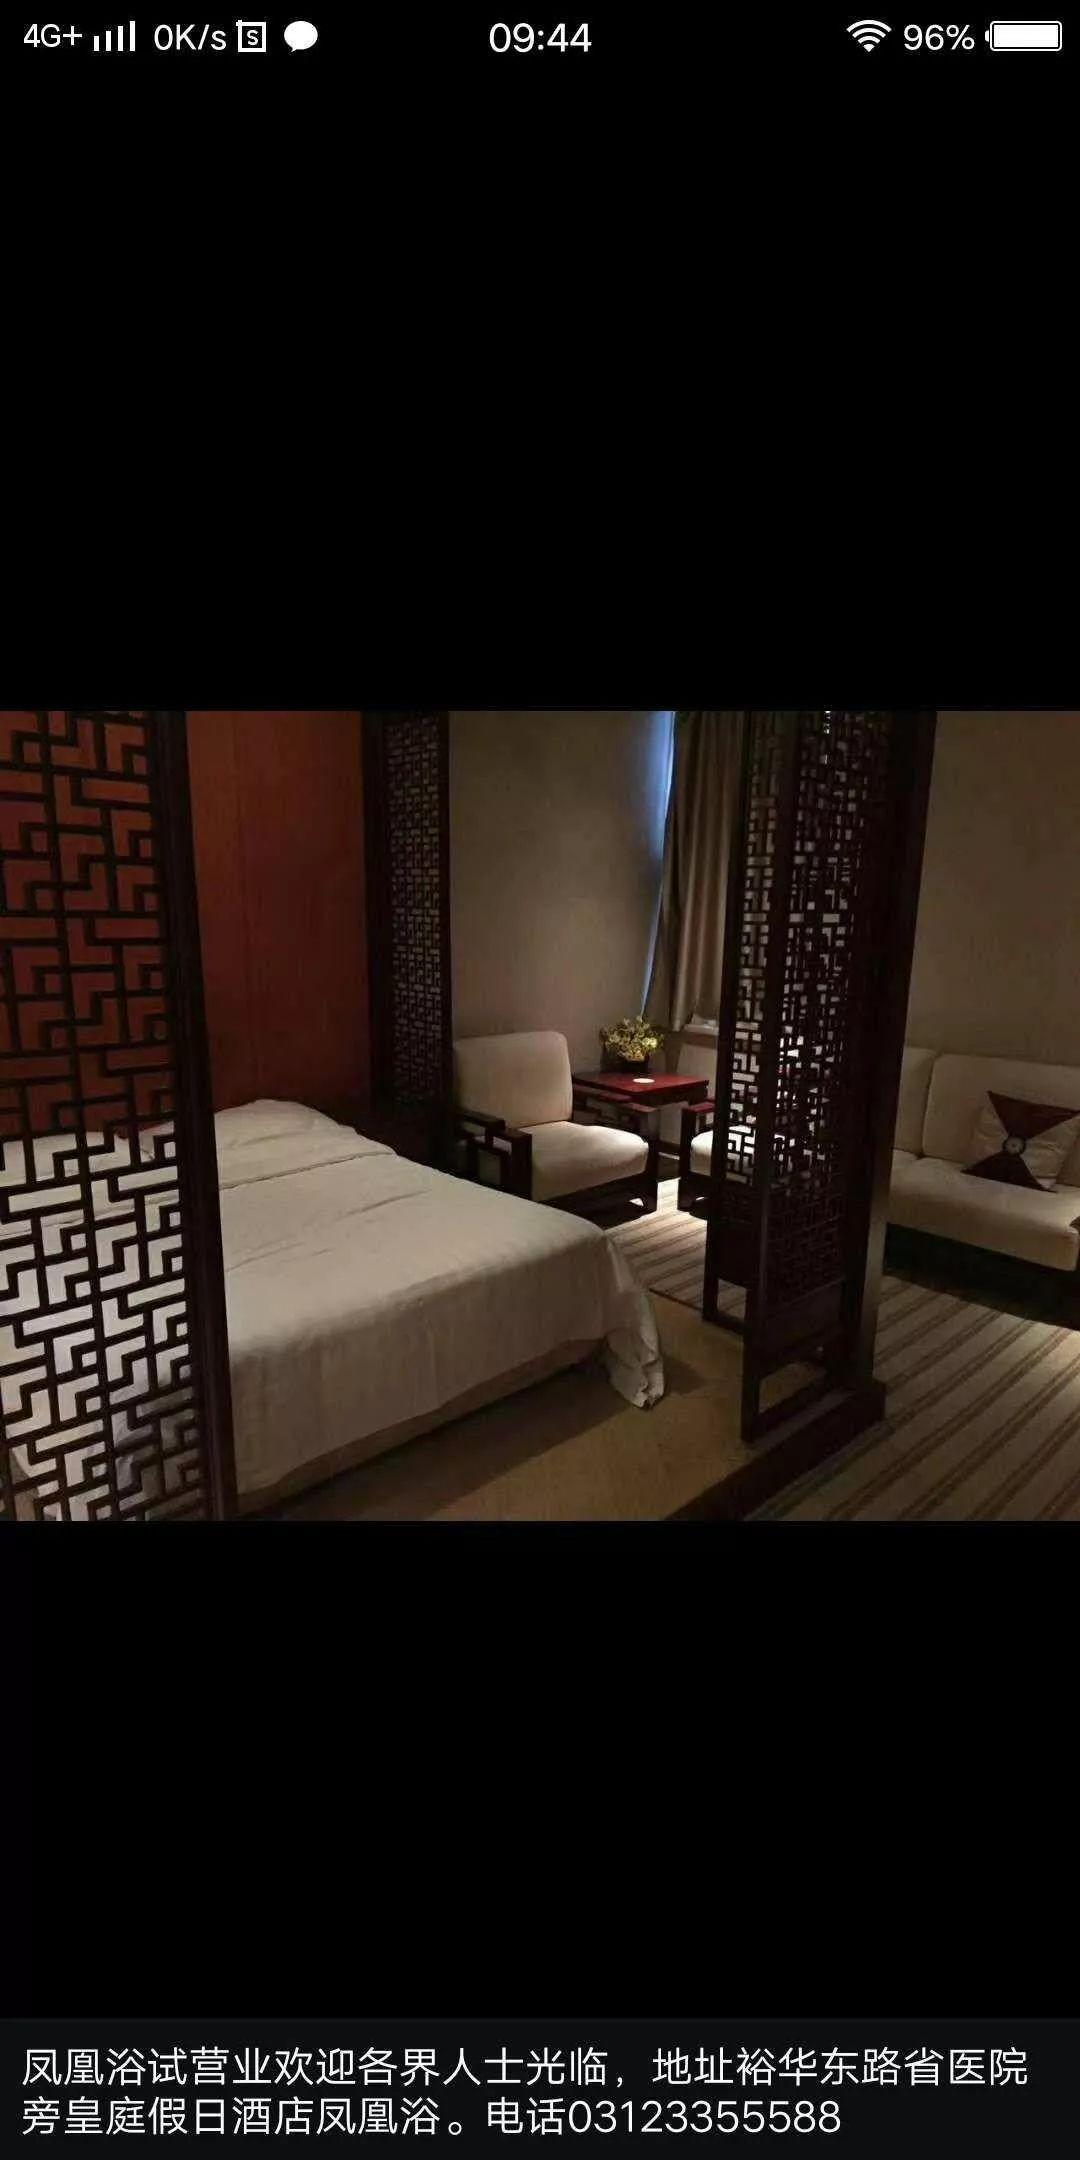 (同城)省医院西侧凰庭假日酒店营业中洗浴中心转租